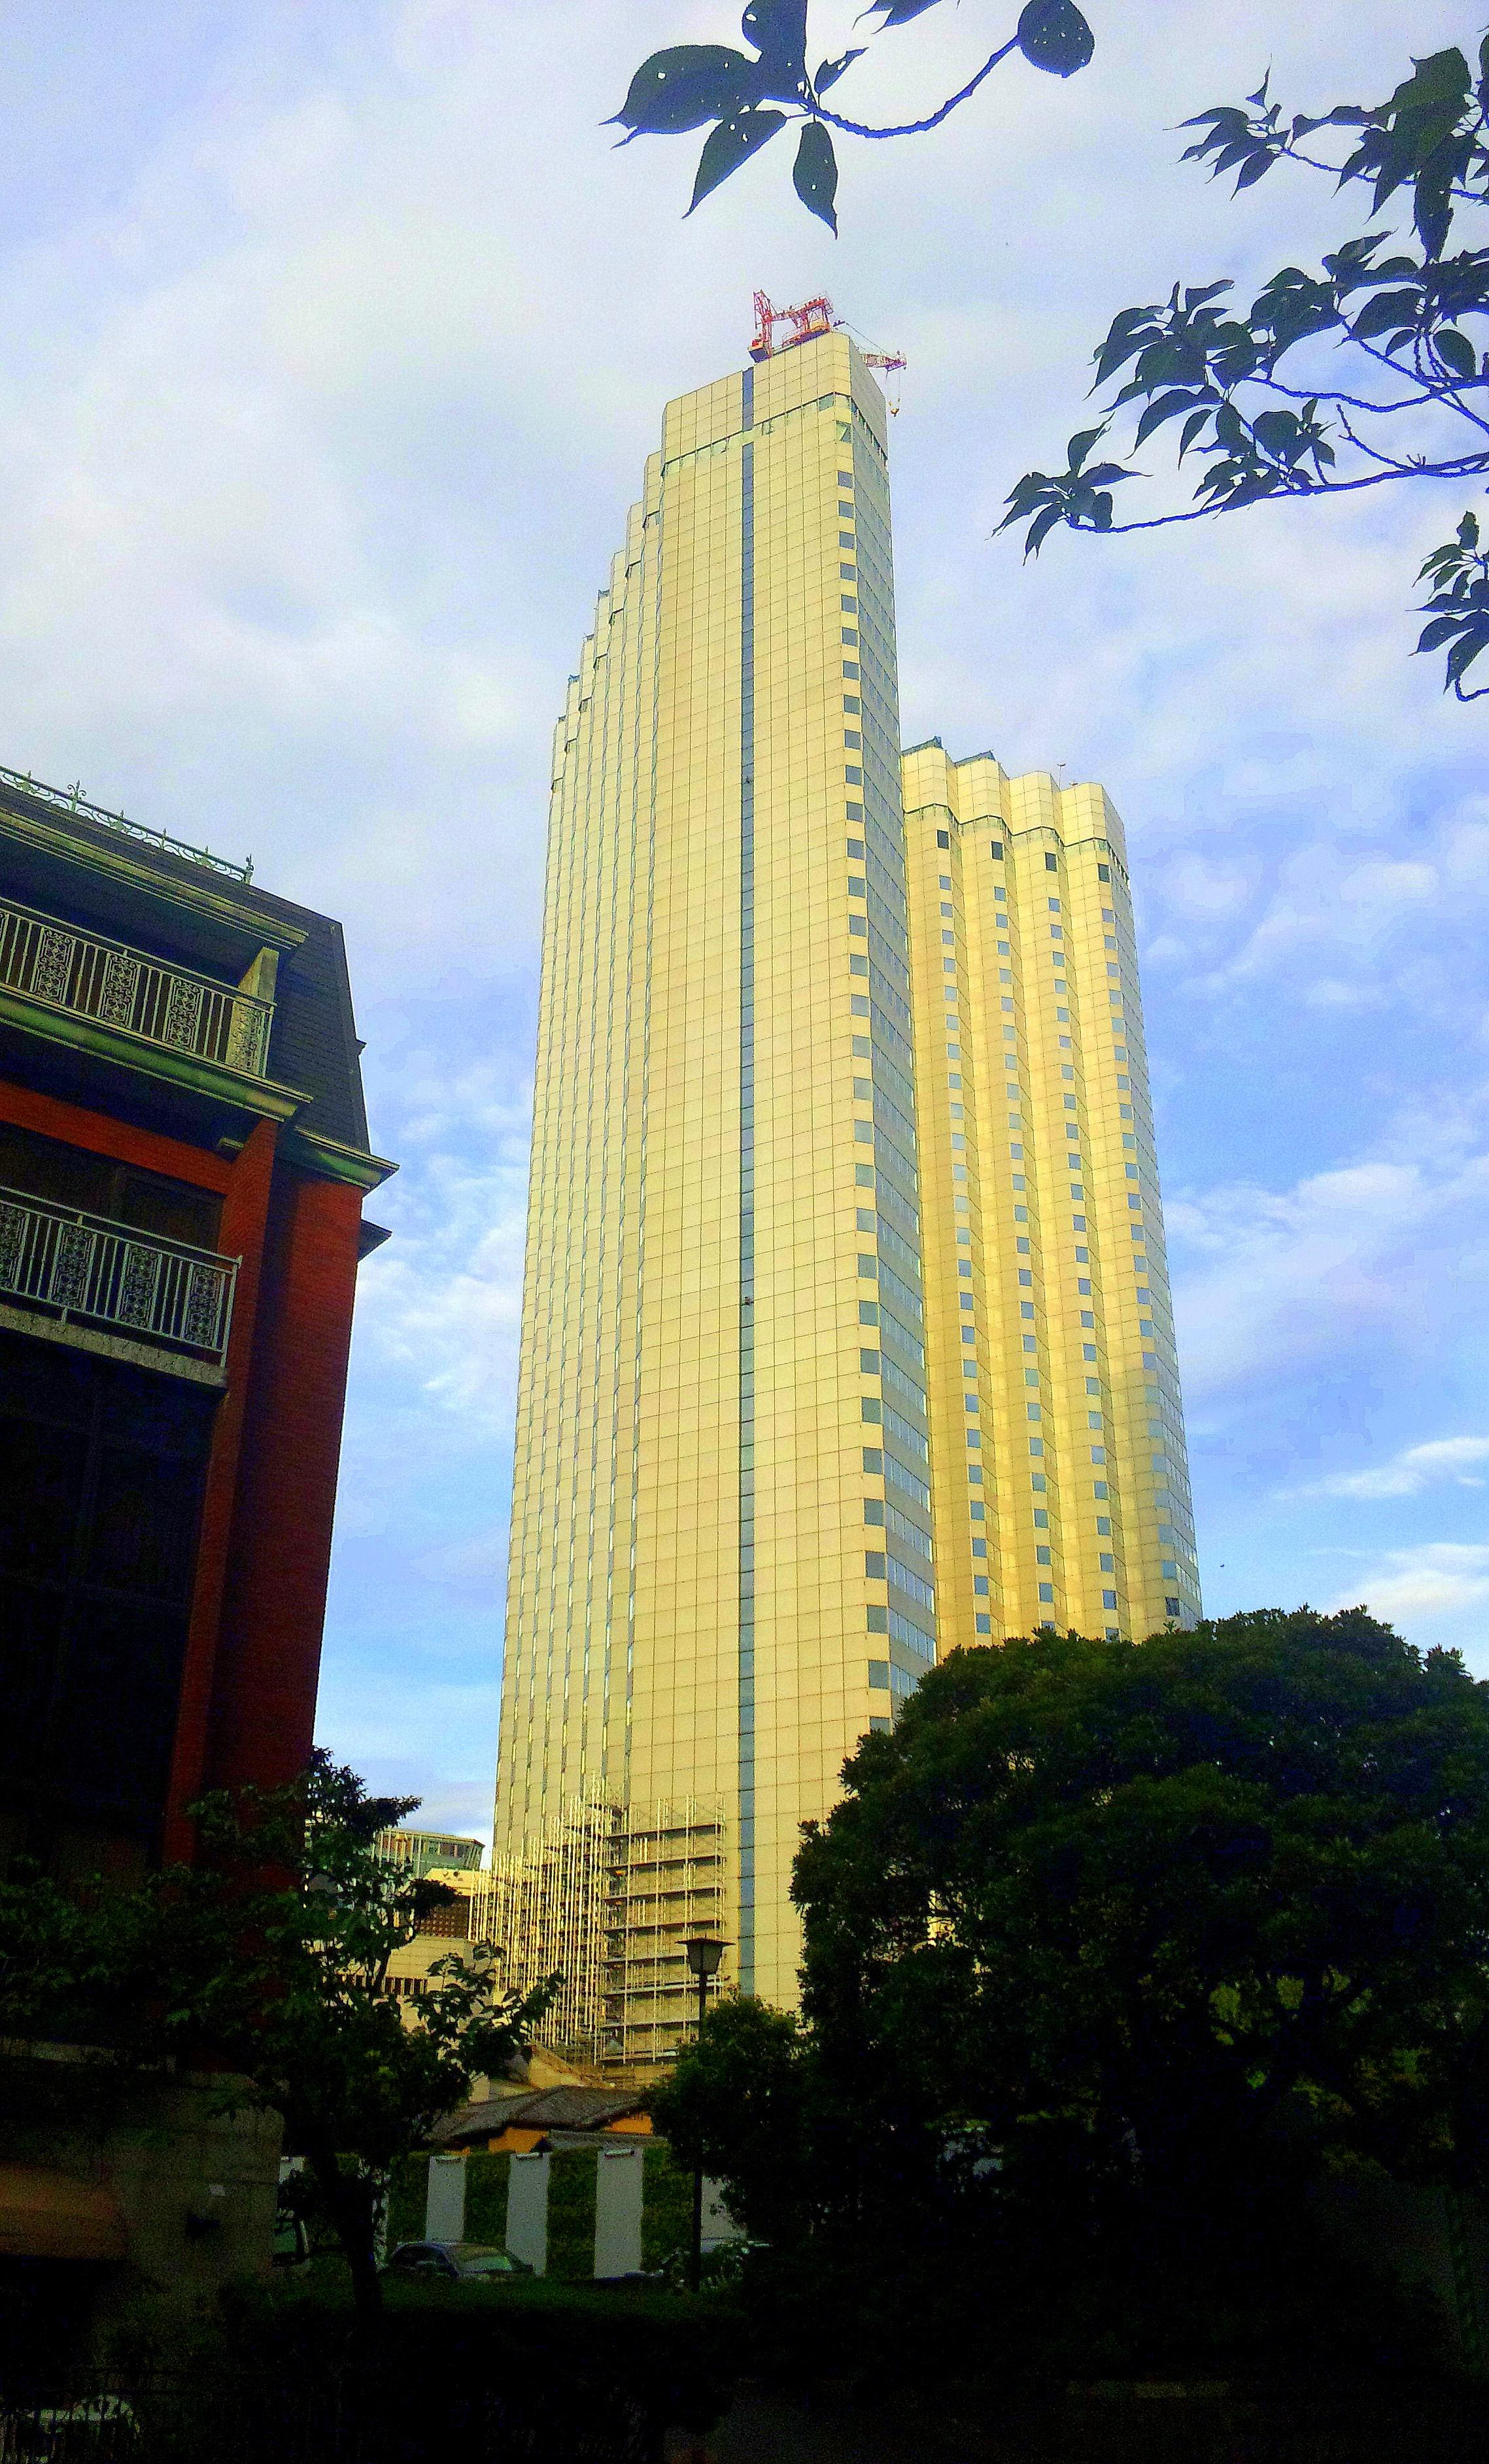 赤坂のホテルの解体始まる